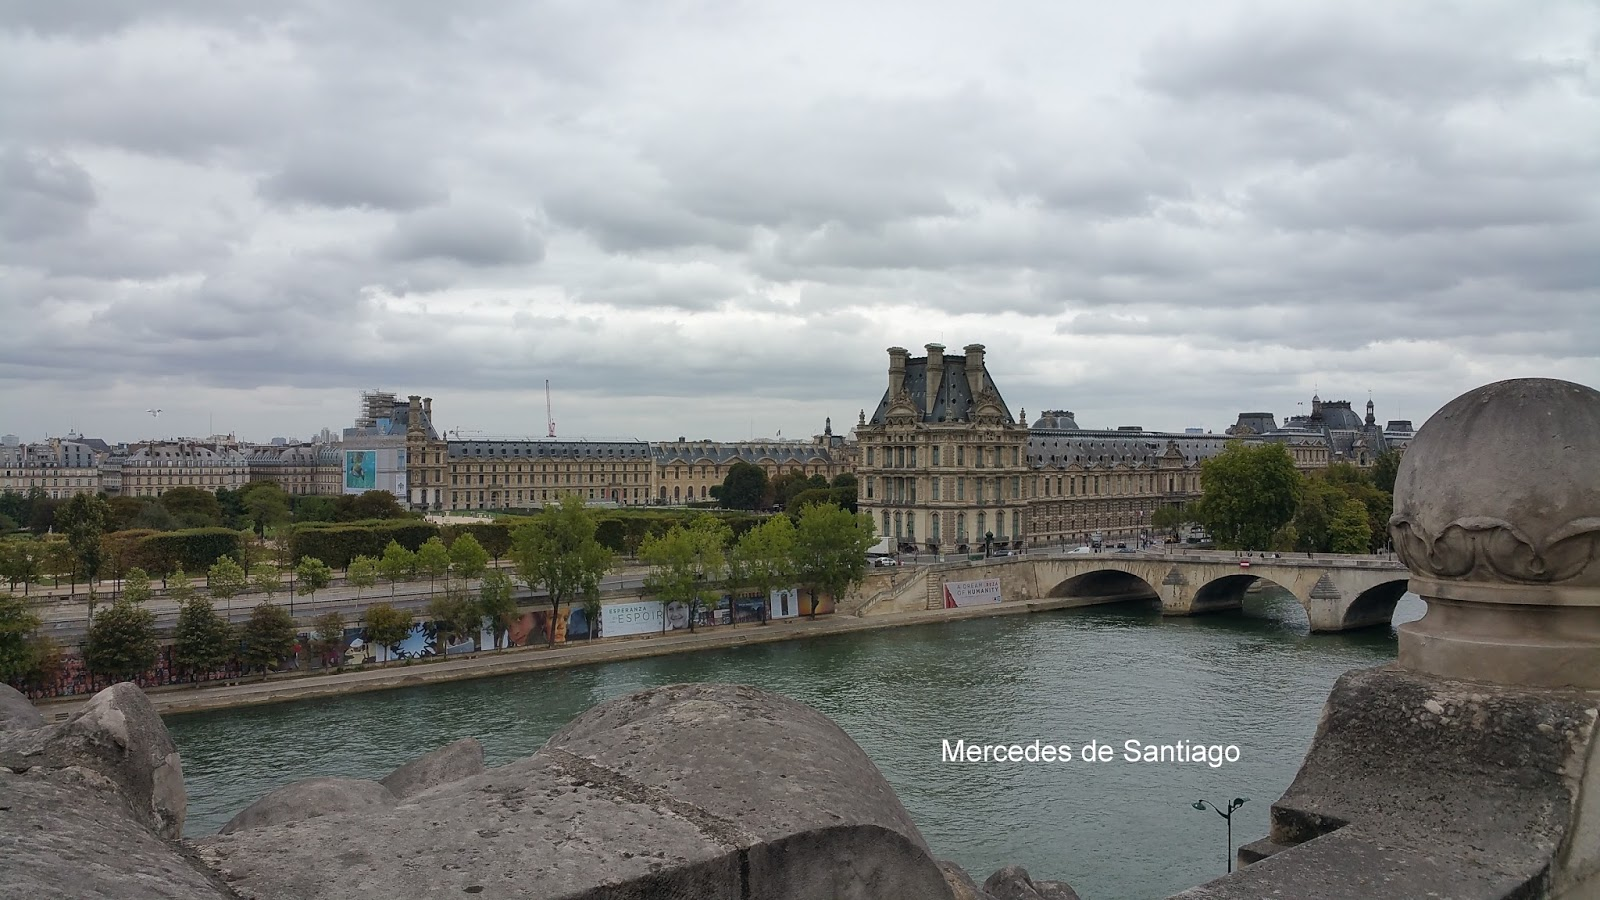 pierre lescot arquitecto Pierre lescot lugar y fecha de nacimiento lugar y fecha de defunción  arquitecto francés biografía fuente de los inocentes de parís (lescot,.